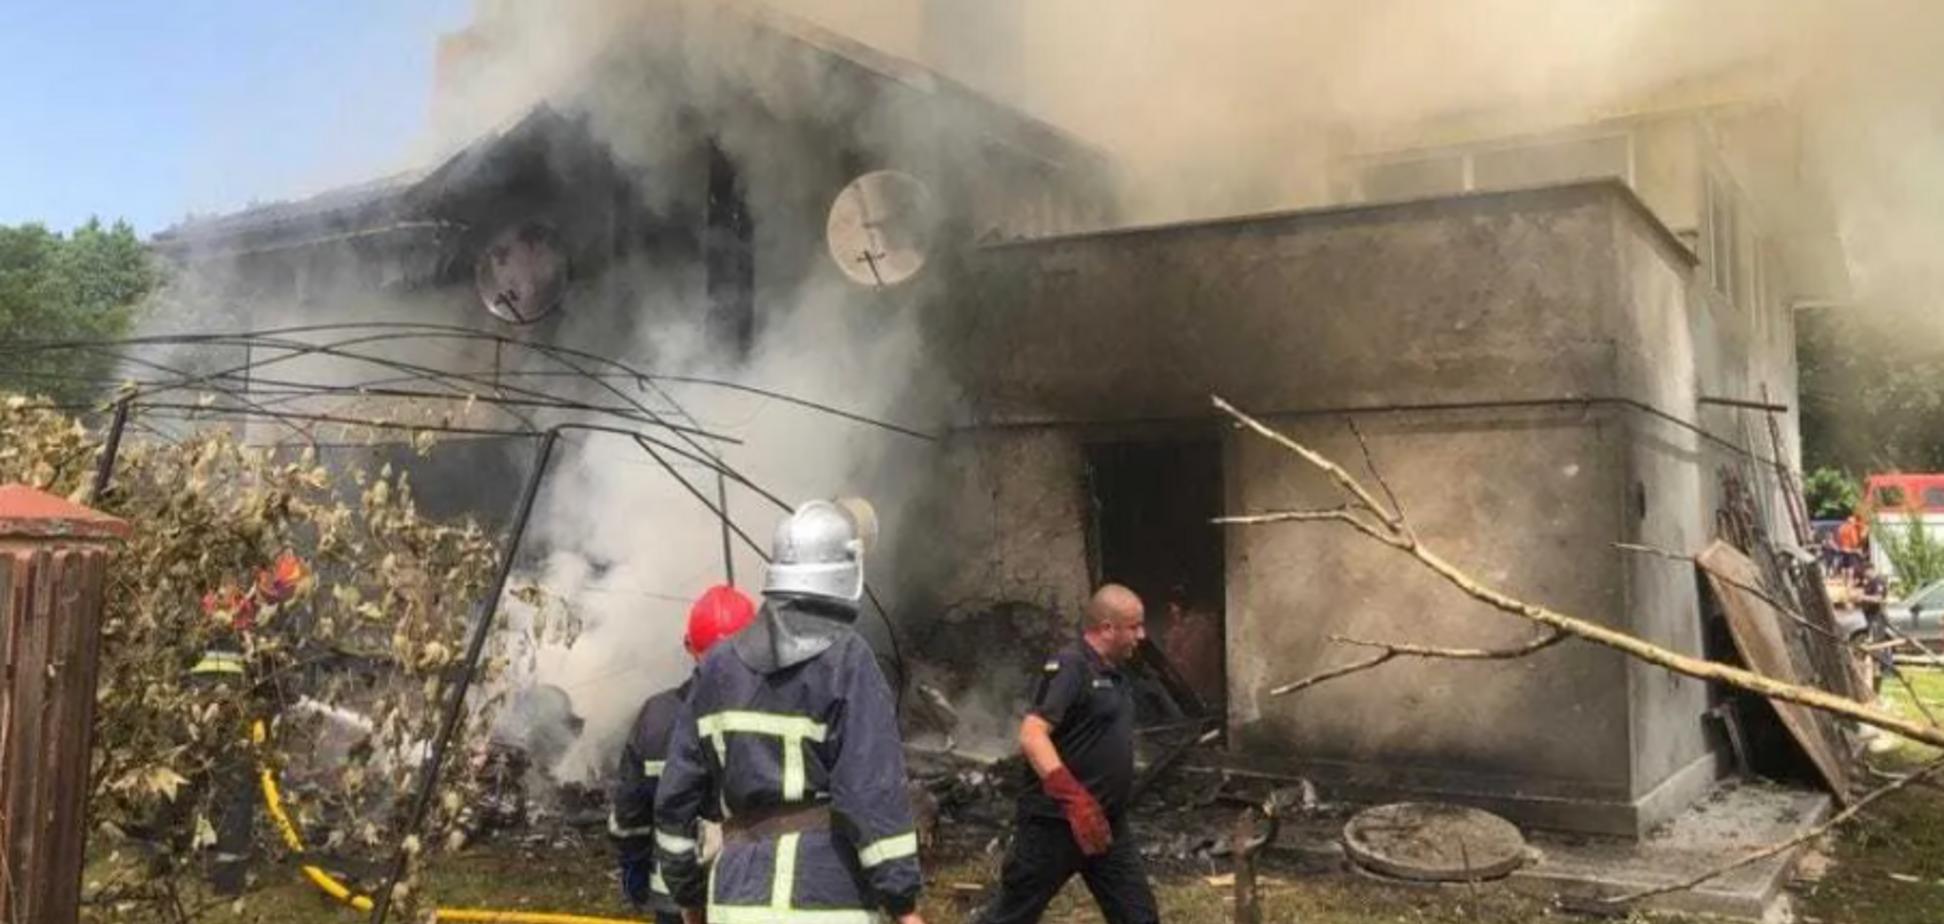 Момент падіння літака на Прикарпатті зняли на відео